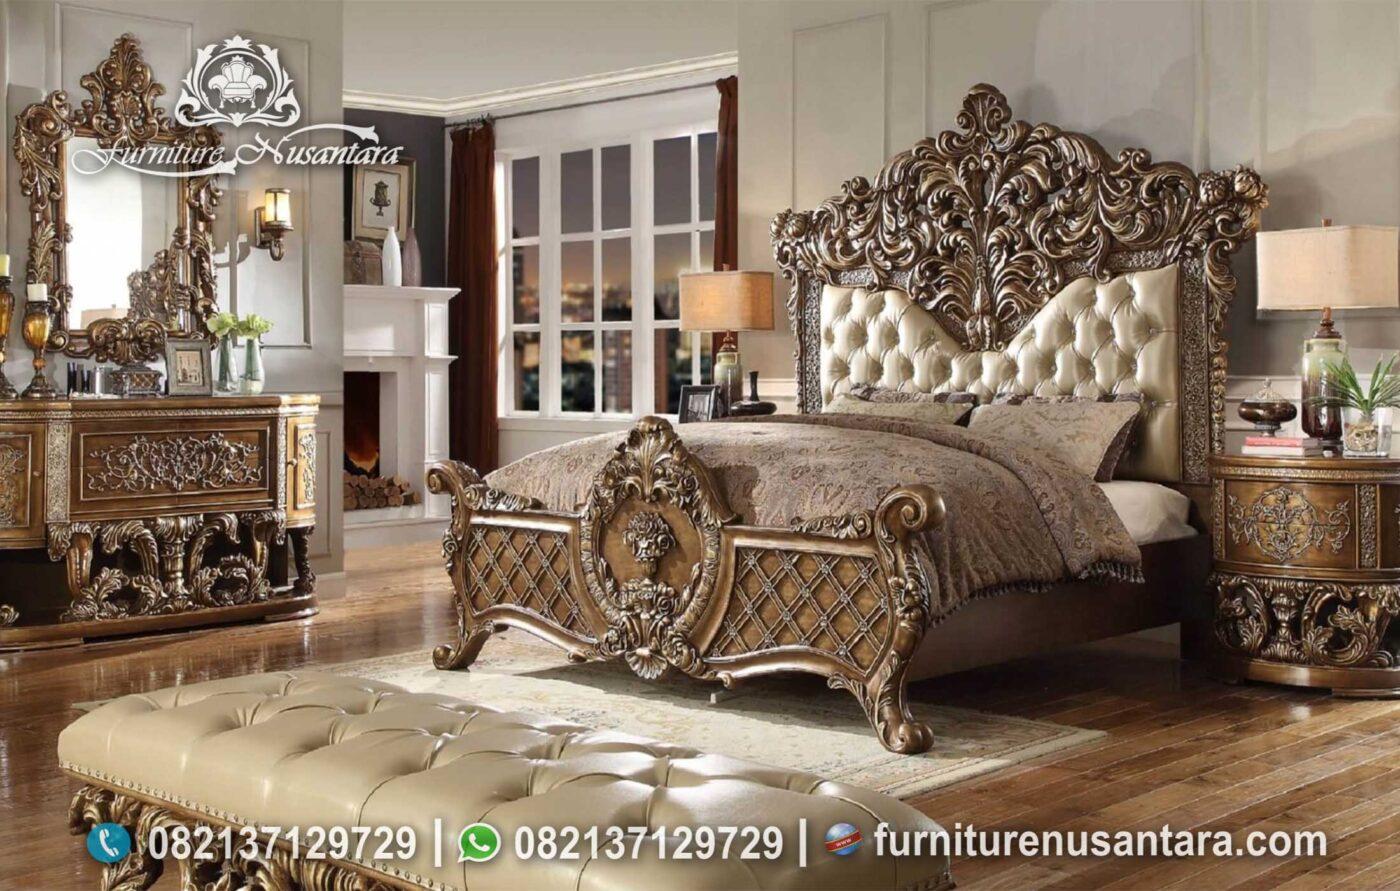 Jual Dipan Ukir Termewah Elegan KS-189, Furniture Nusantara